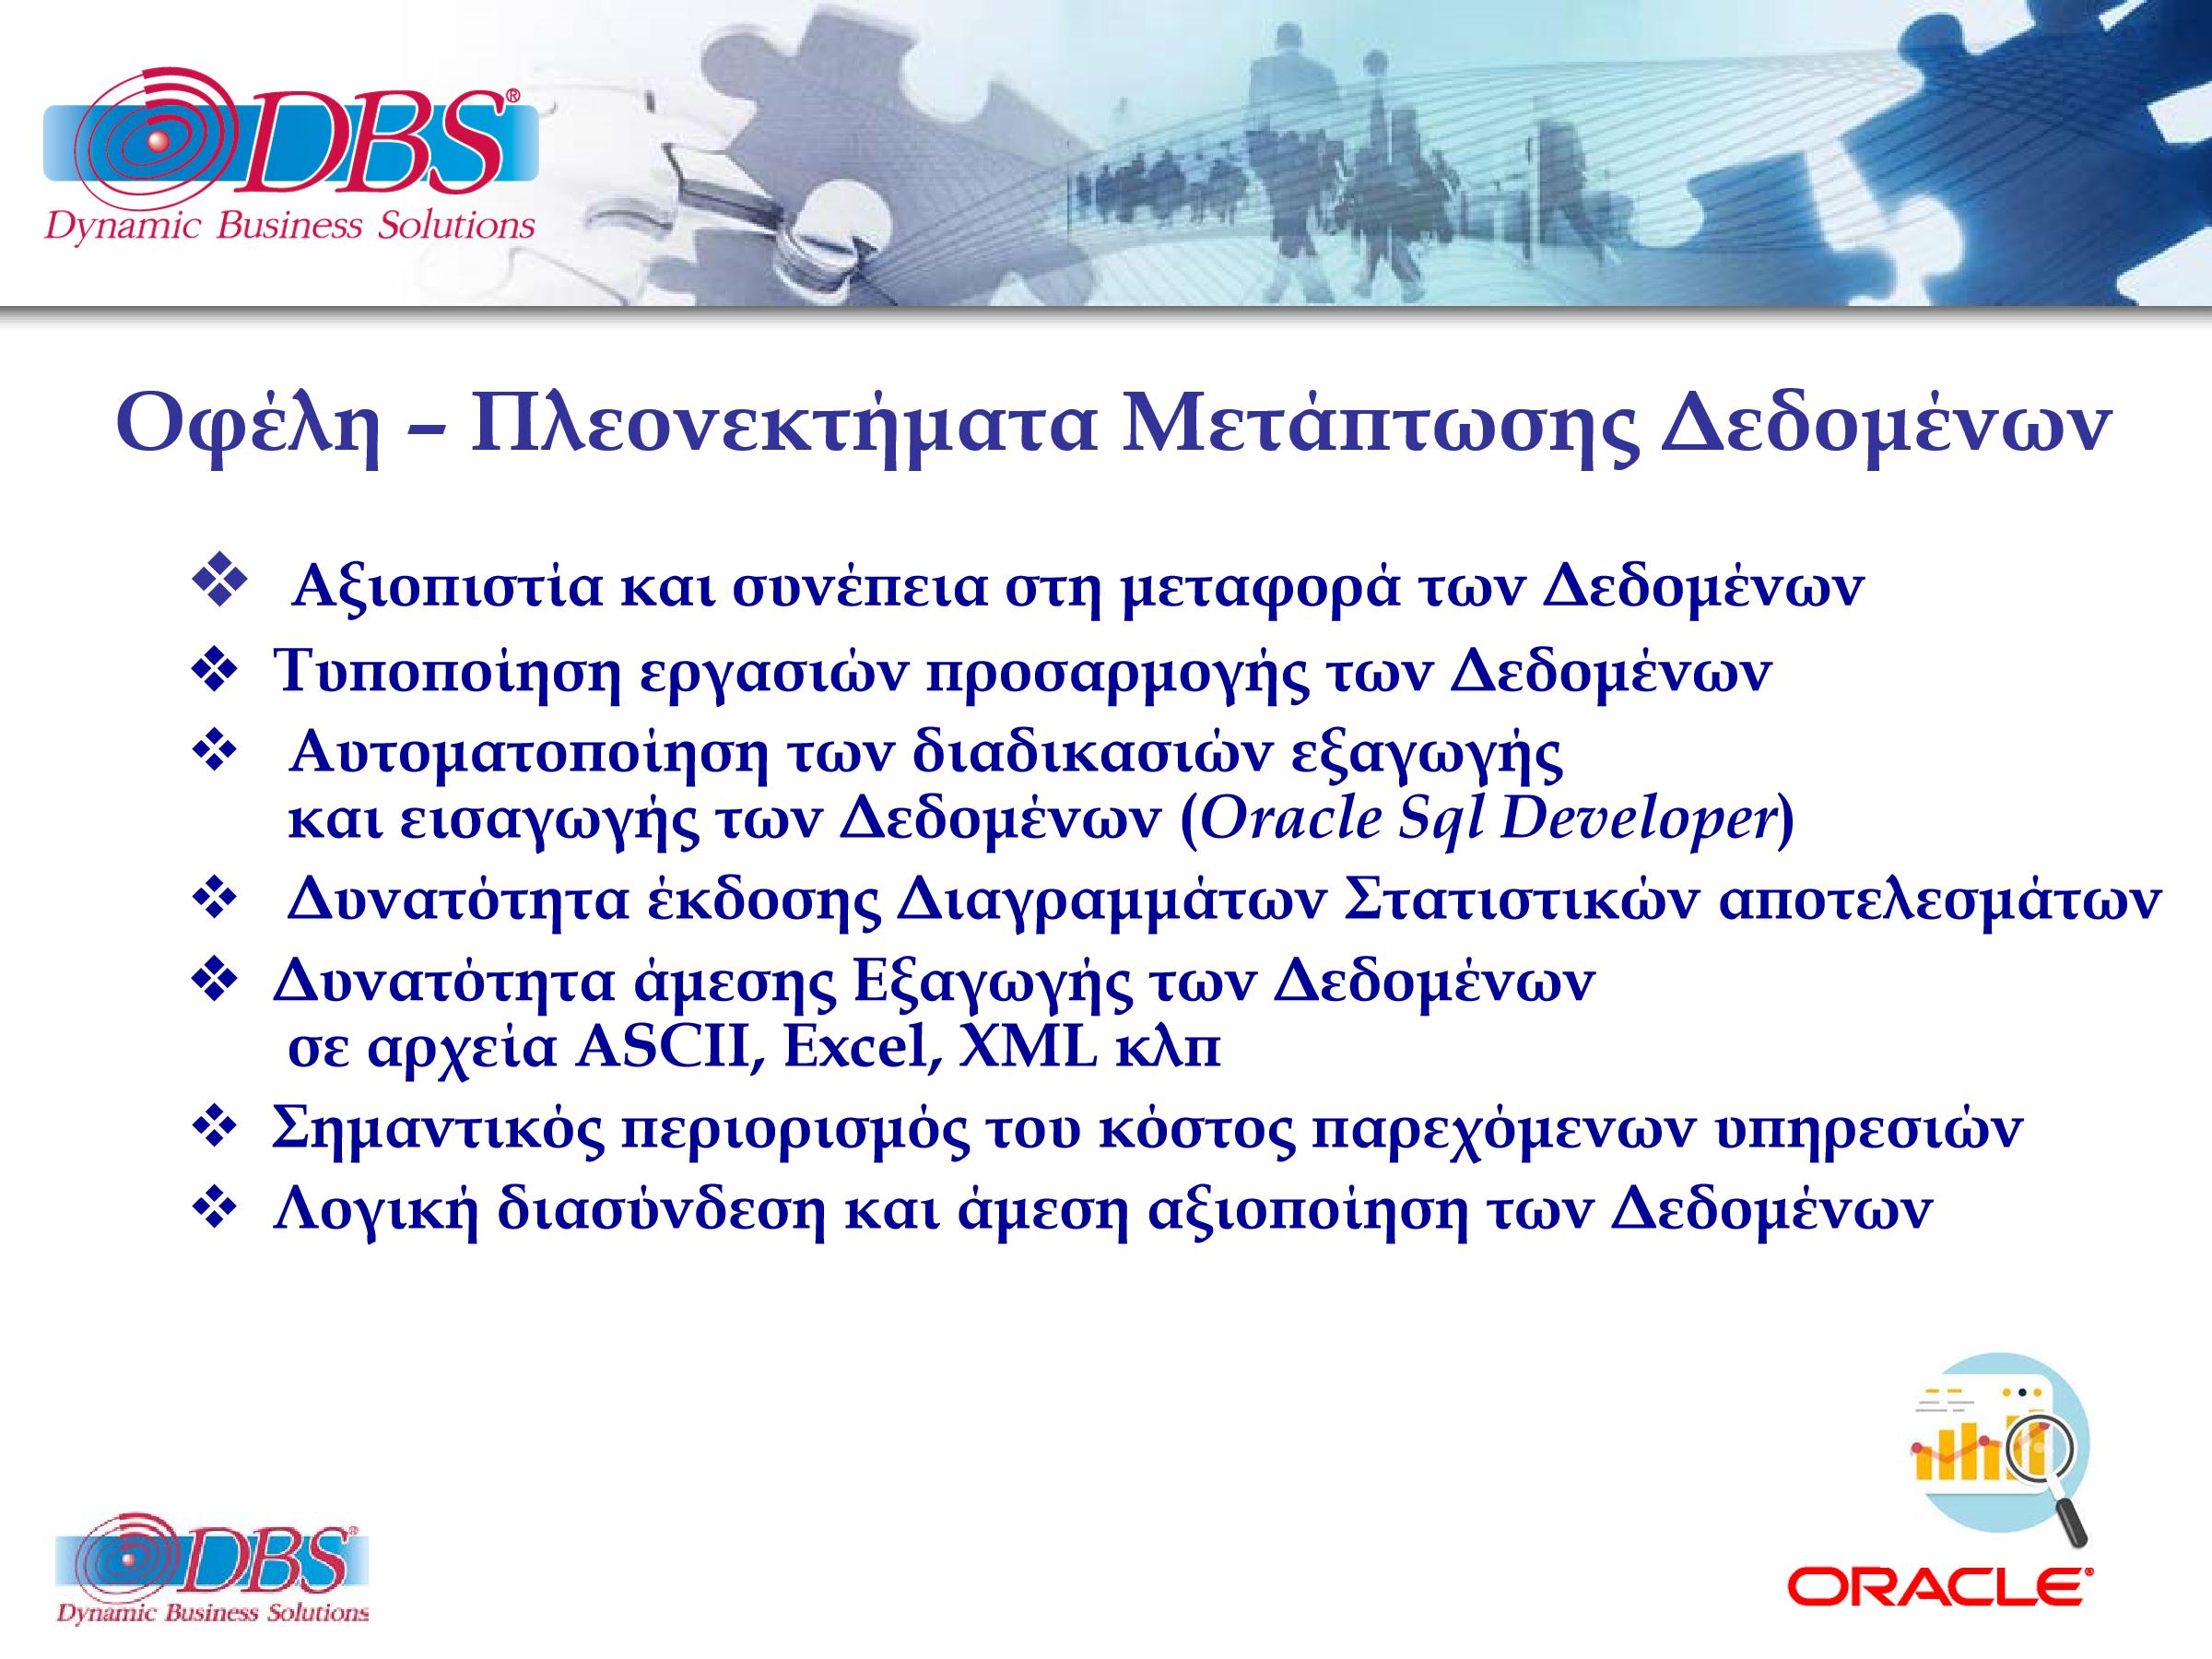 DBSDEMO2019_COMPANY_SERVICES_V18_R12-EL-10